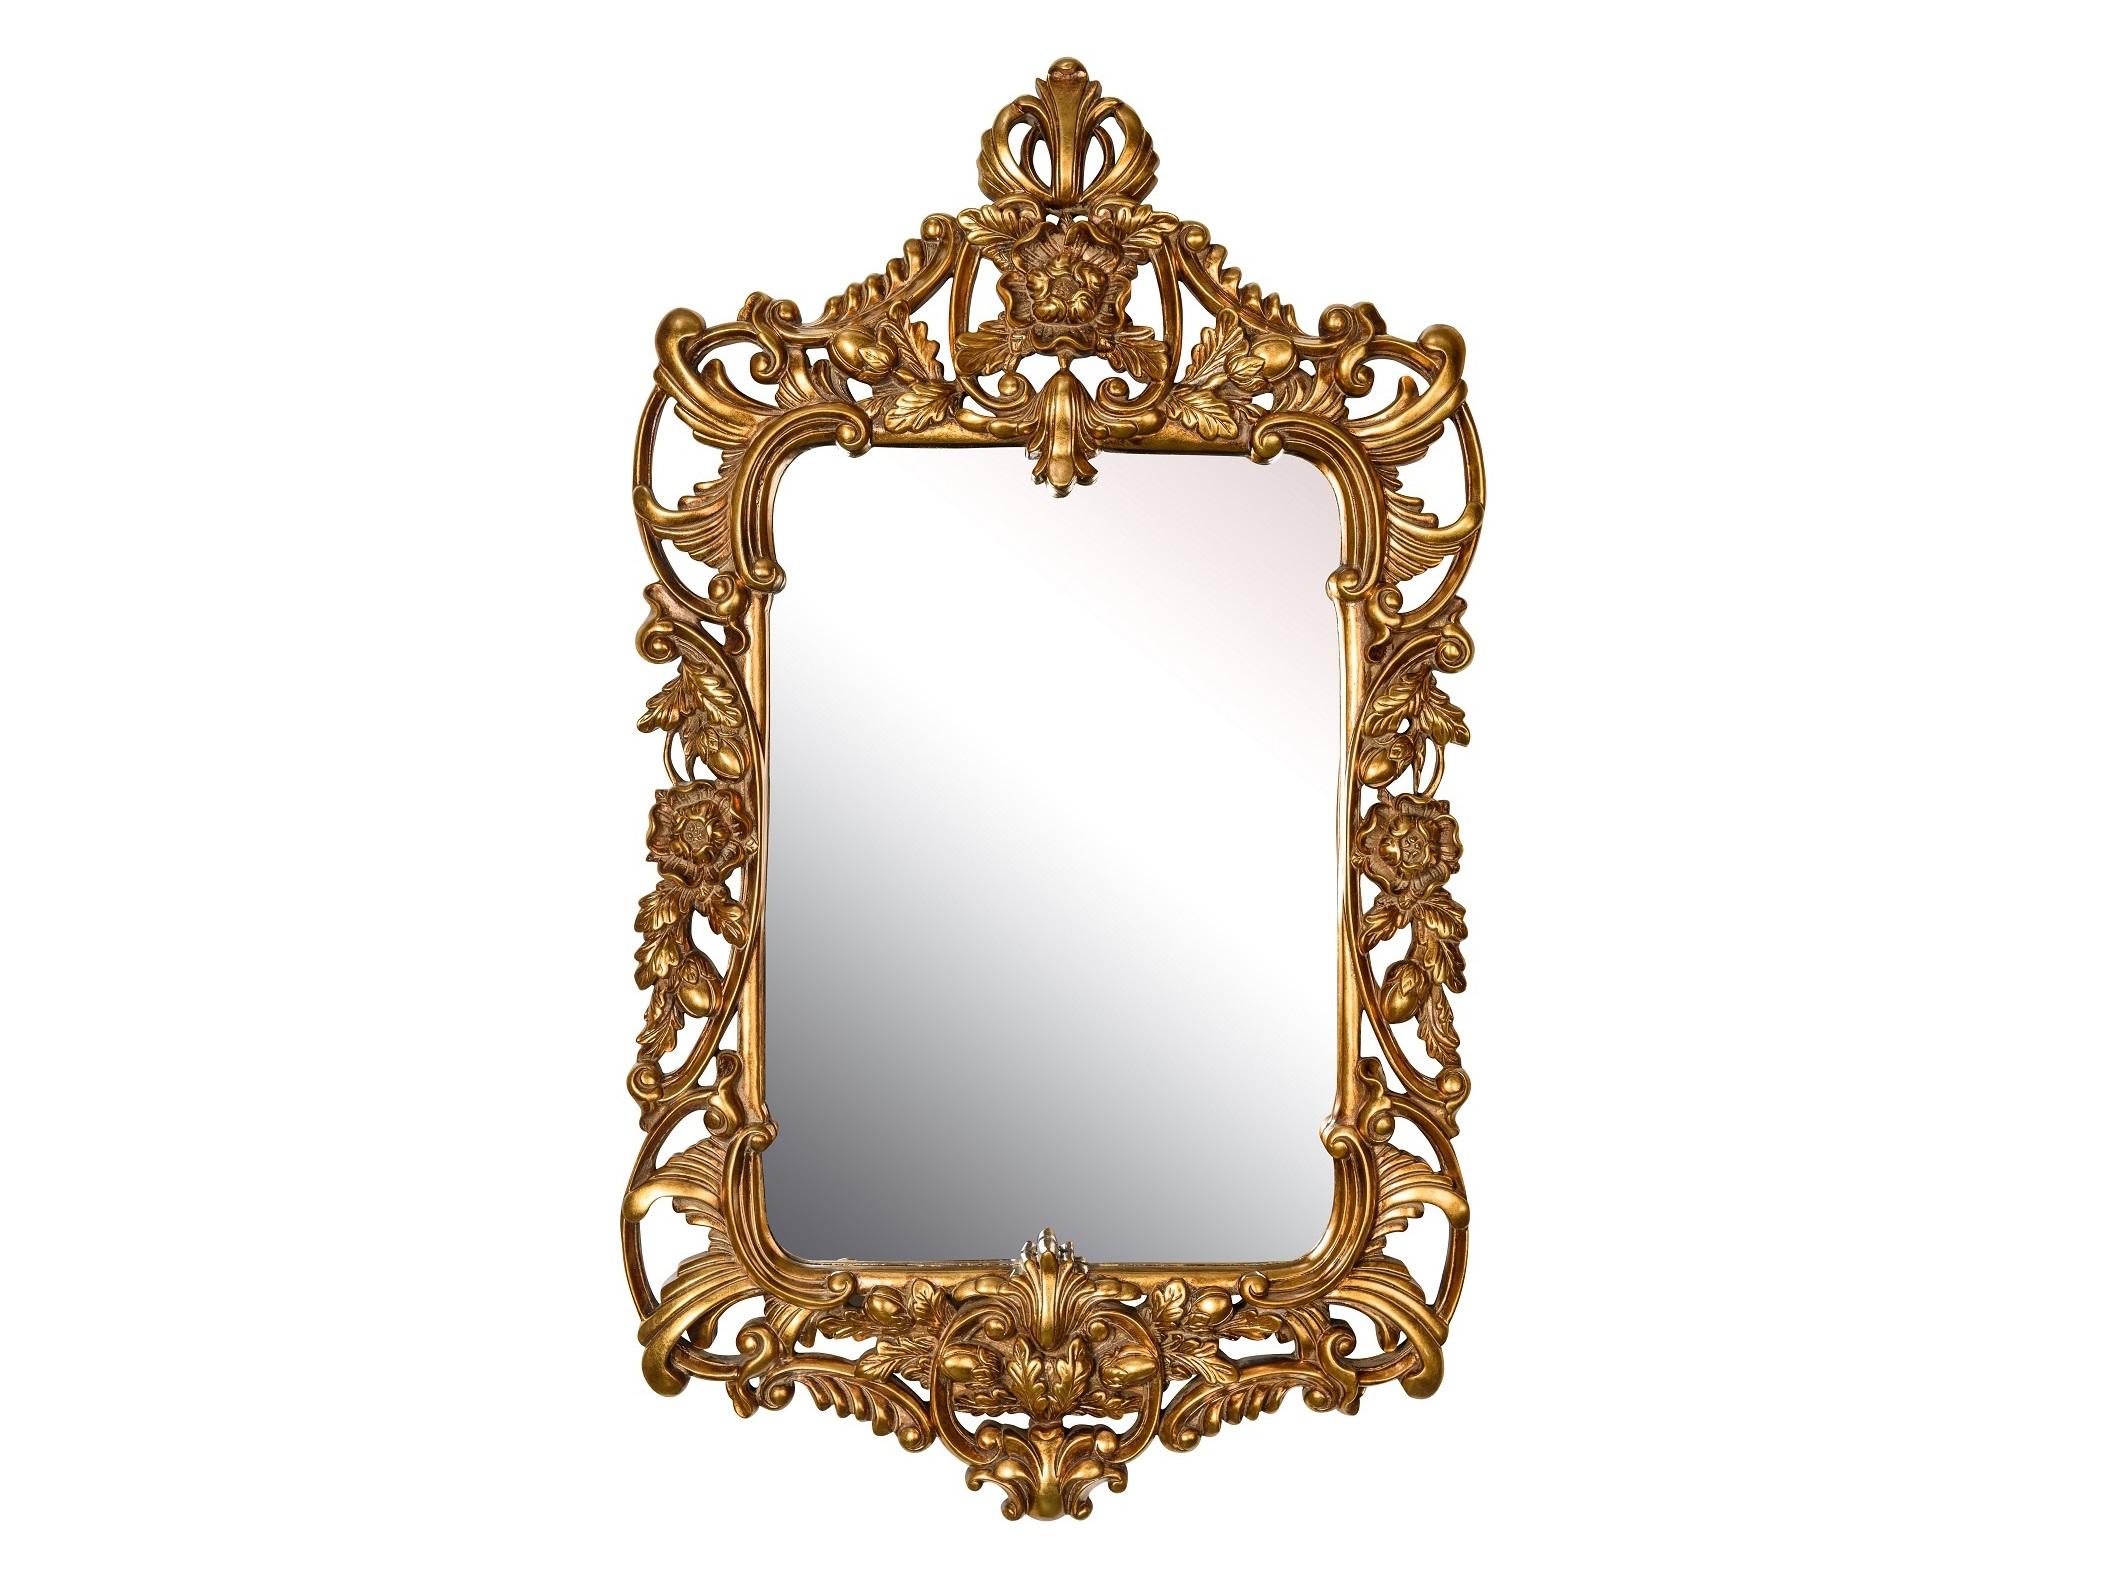 Зеркало FrederickНастенные зеркала<br>&amp;lt;div&amp;gt;Облик Frederick достоин роскошных королевских интерьеров. Прямоугольное зеркало заключено в изящный багет с многочисленными витиеватыми узорами и вензелями. Рама выполнена из искусственного полирезина, при этом смотрится богато за счет насыщенного оттенка «античное золото». Верхняя и нижняя часть модели декорированы величественными орнаментами, подчеркивающими великолепие классического французского стиля. &amp;amp;nbsp;&amp;lt;br&amp;gt;&amp;lt;/div&amp;gt;&amp;lt;div&amp;gt;&amp;lt;br&amp;gt;&amp;lt;/div&amp;gt;Цвет: античное золото<br><br>Material: Пластик<br>Length см: None<br>Width см: 68.5<br>Depth см: None<br>Height см: 117.0<br>Diameter см: None